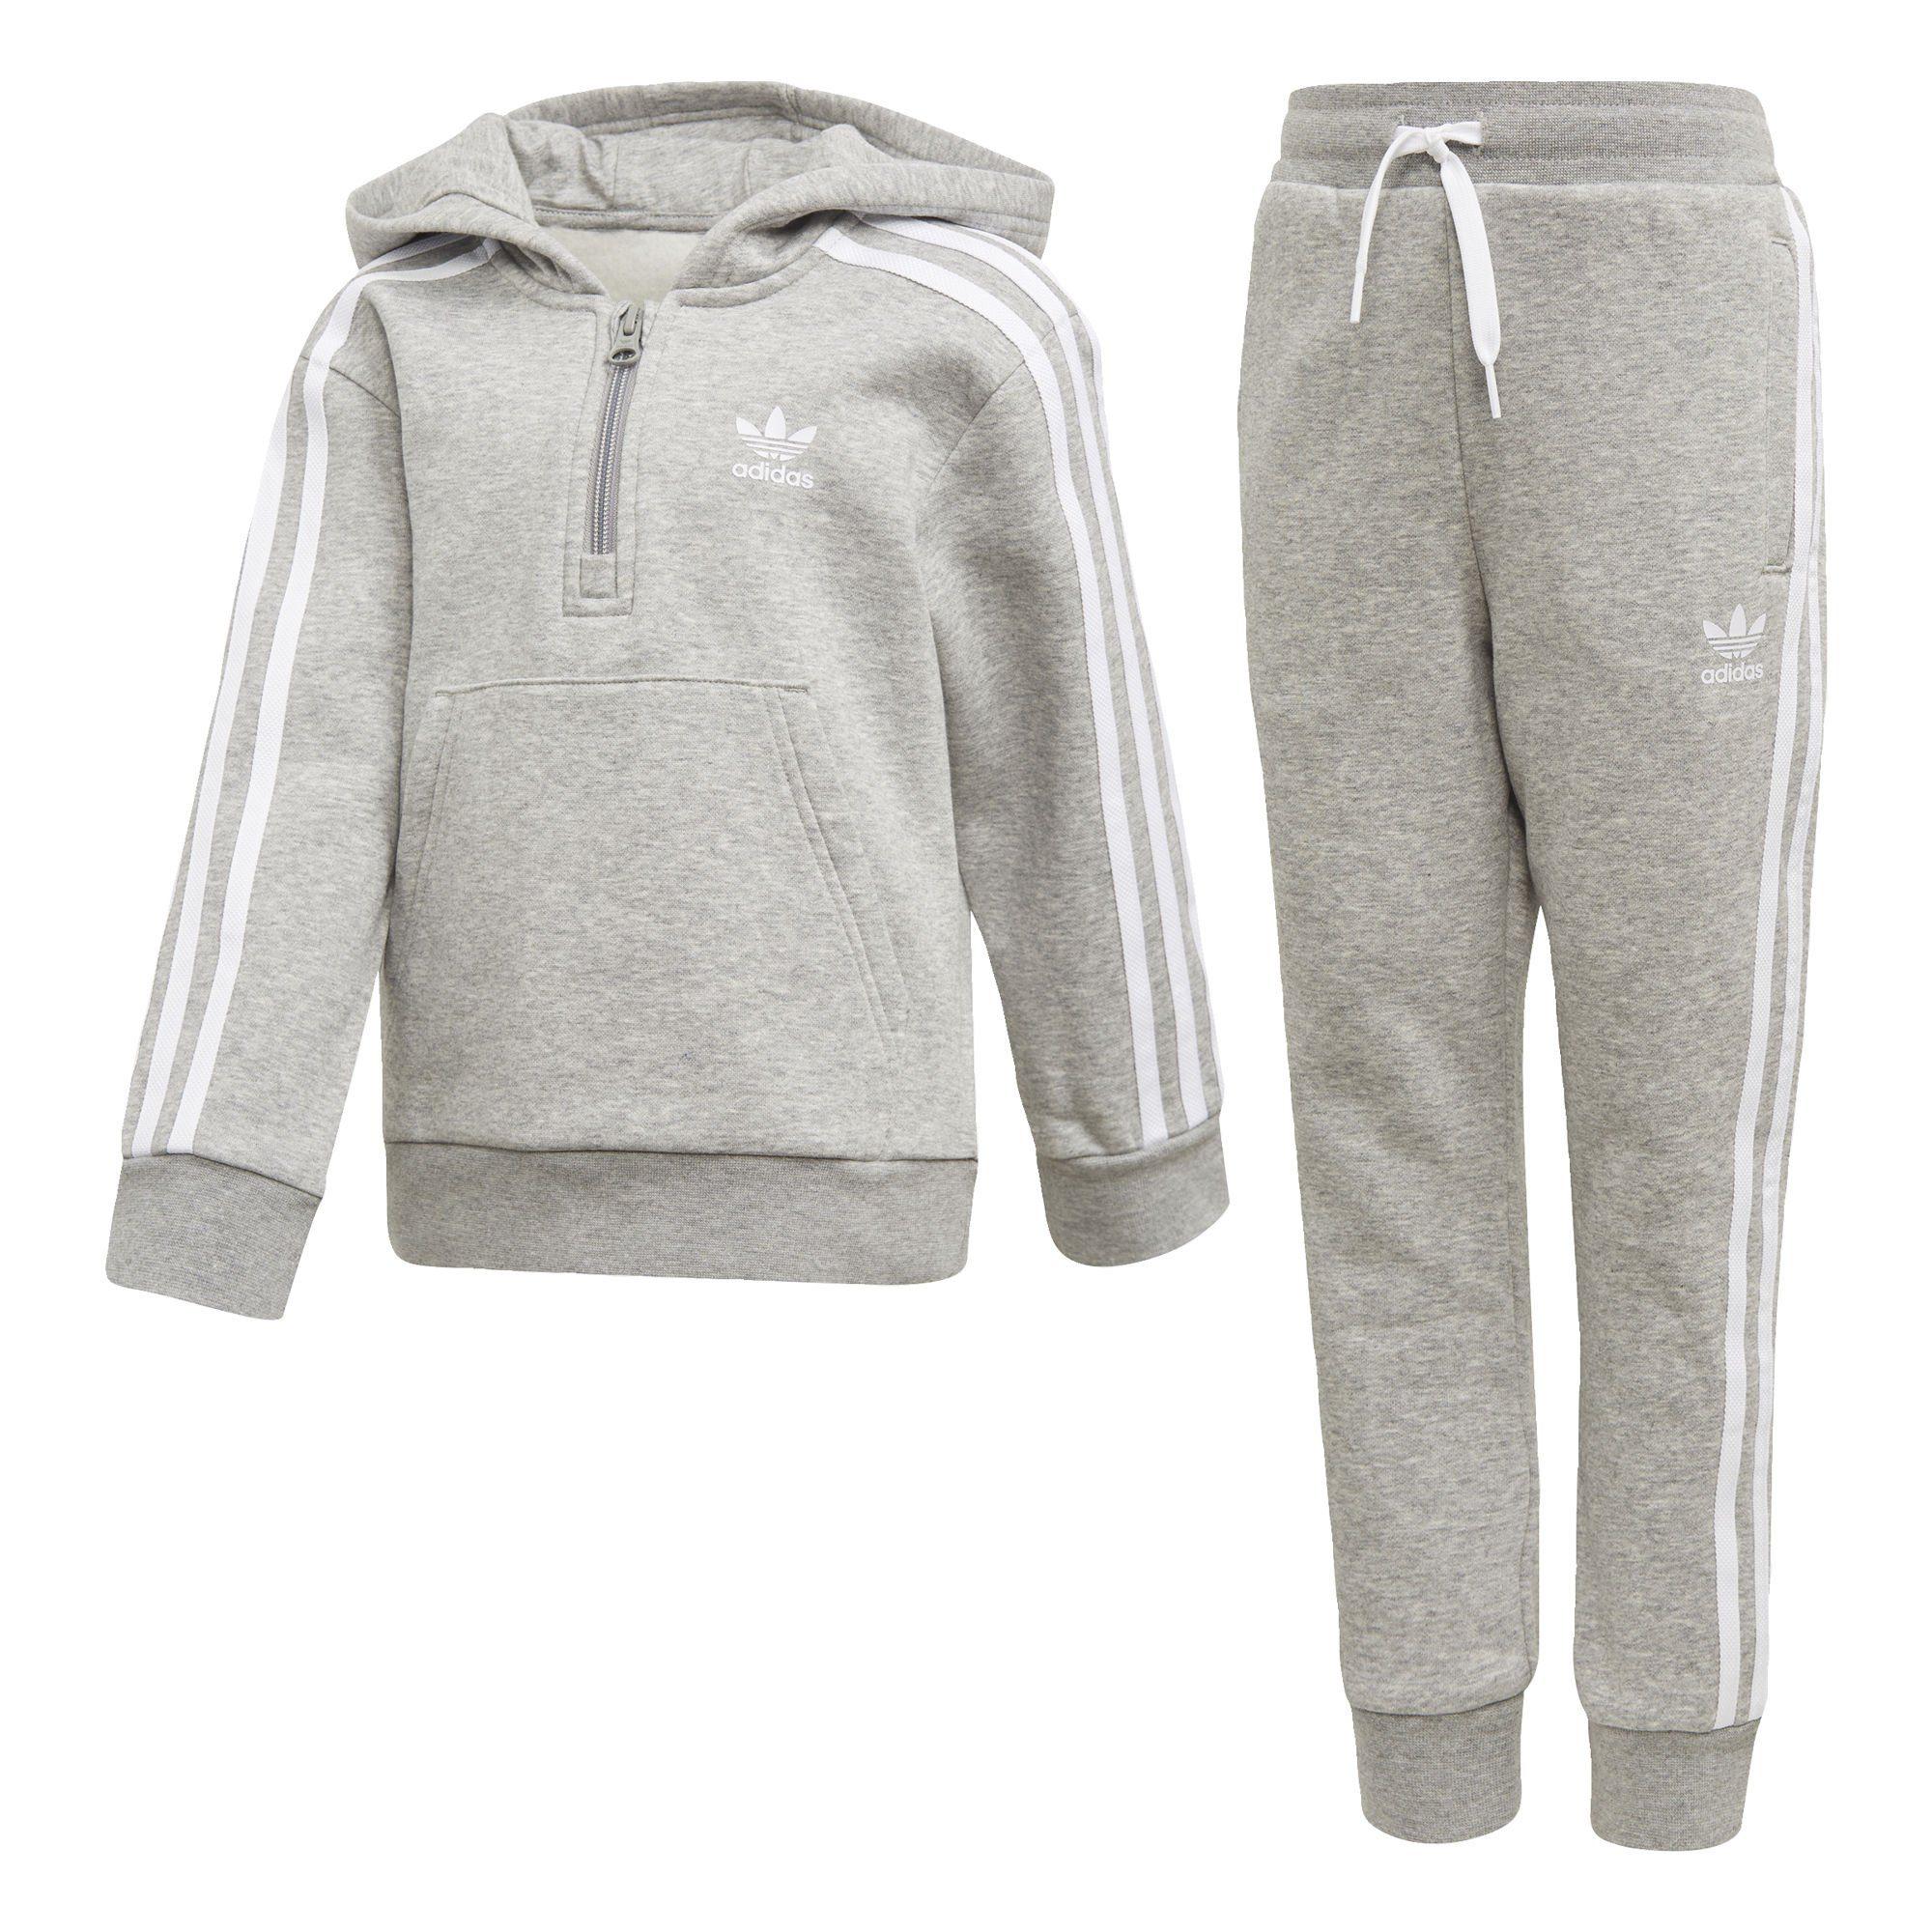 adidas Originals Trainingsanzug »Fleece Hoodie Set«, adicolor online kaufen | OTTO